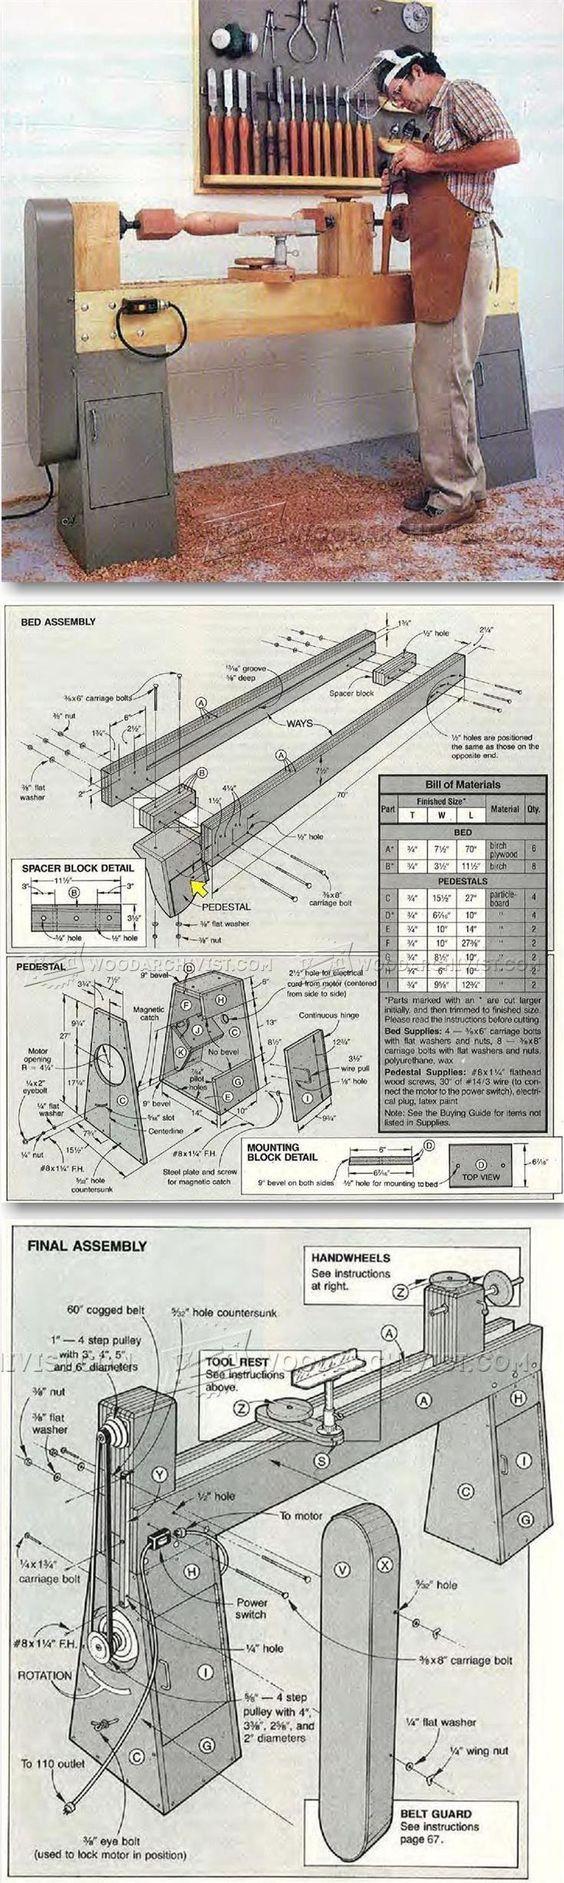 Wood Lathe Plans - Lathe Tips, Jigs and Fixtures | WoodArchivist.com